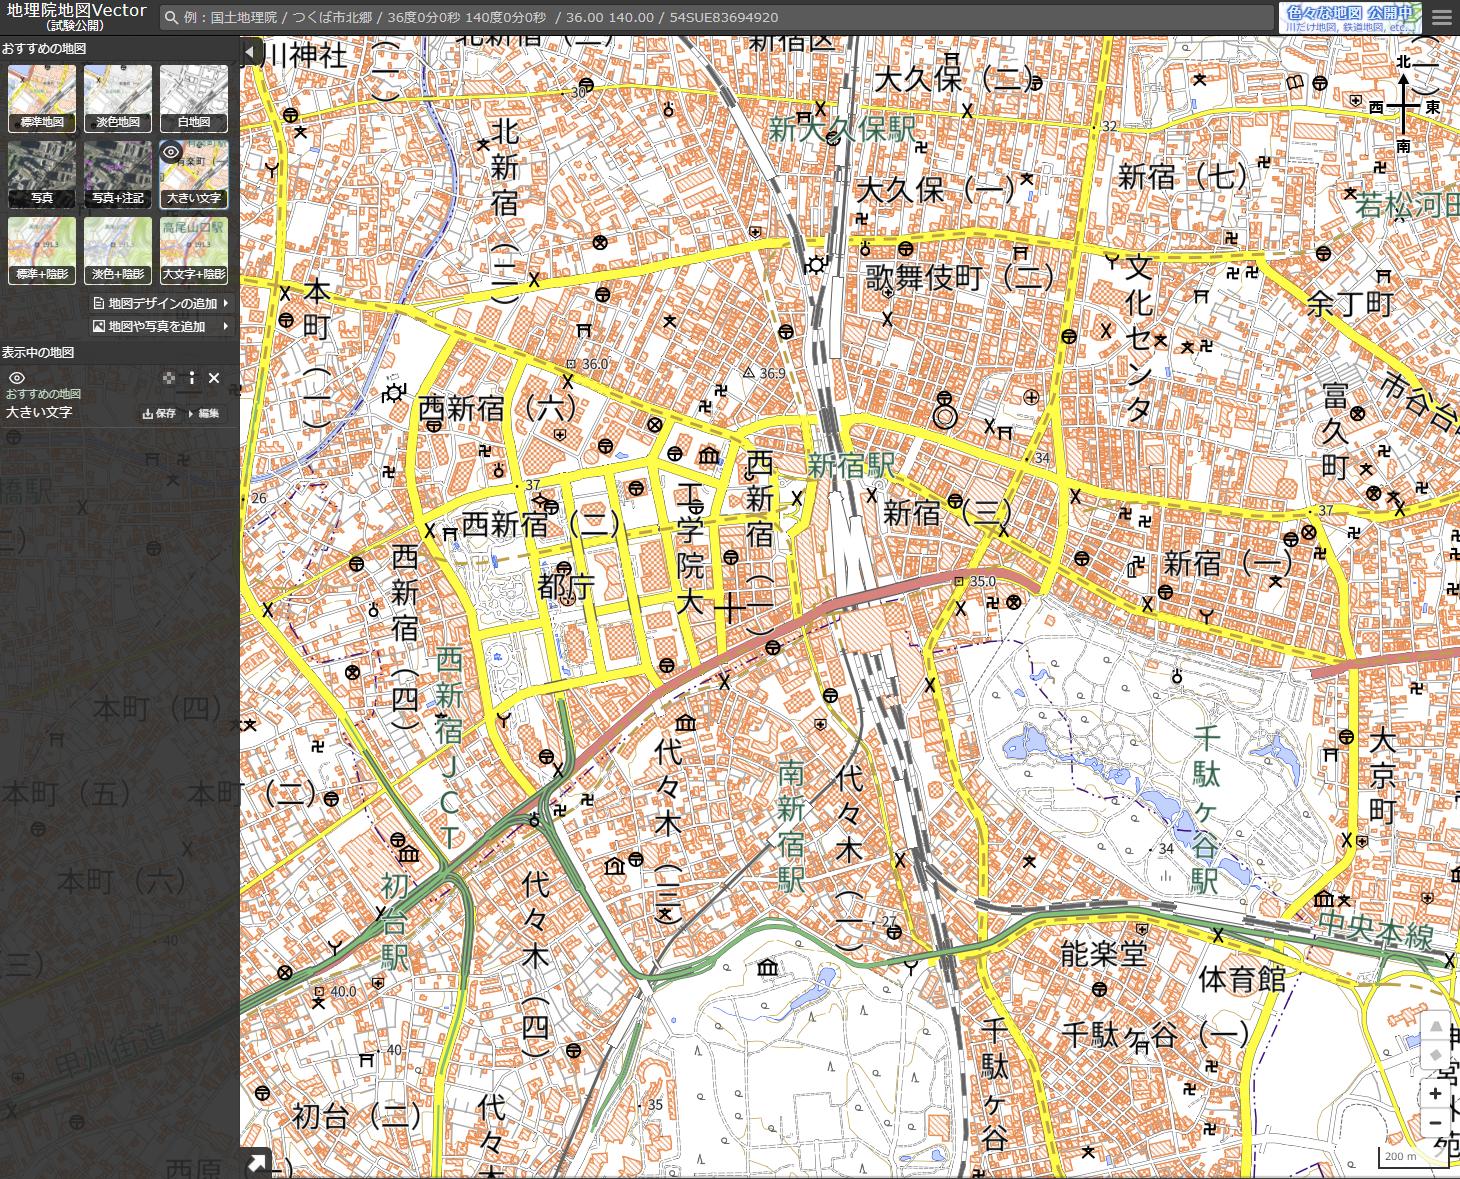 大きい文字夏休みの自由研究におすすめな国土地理院「地理院地図Vector」の大きい文字表示画面